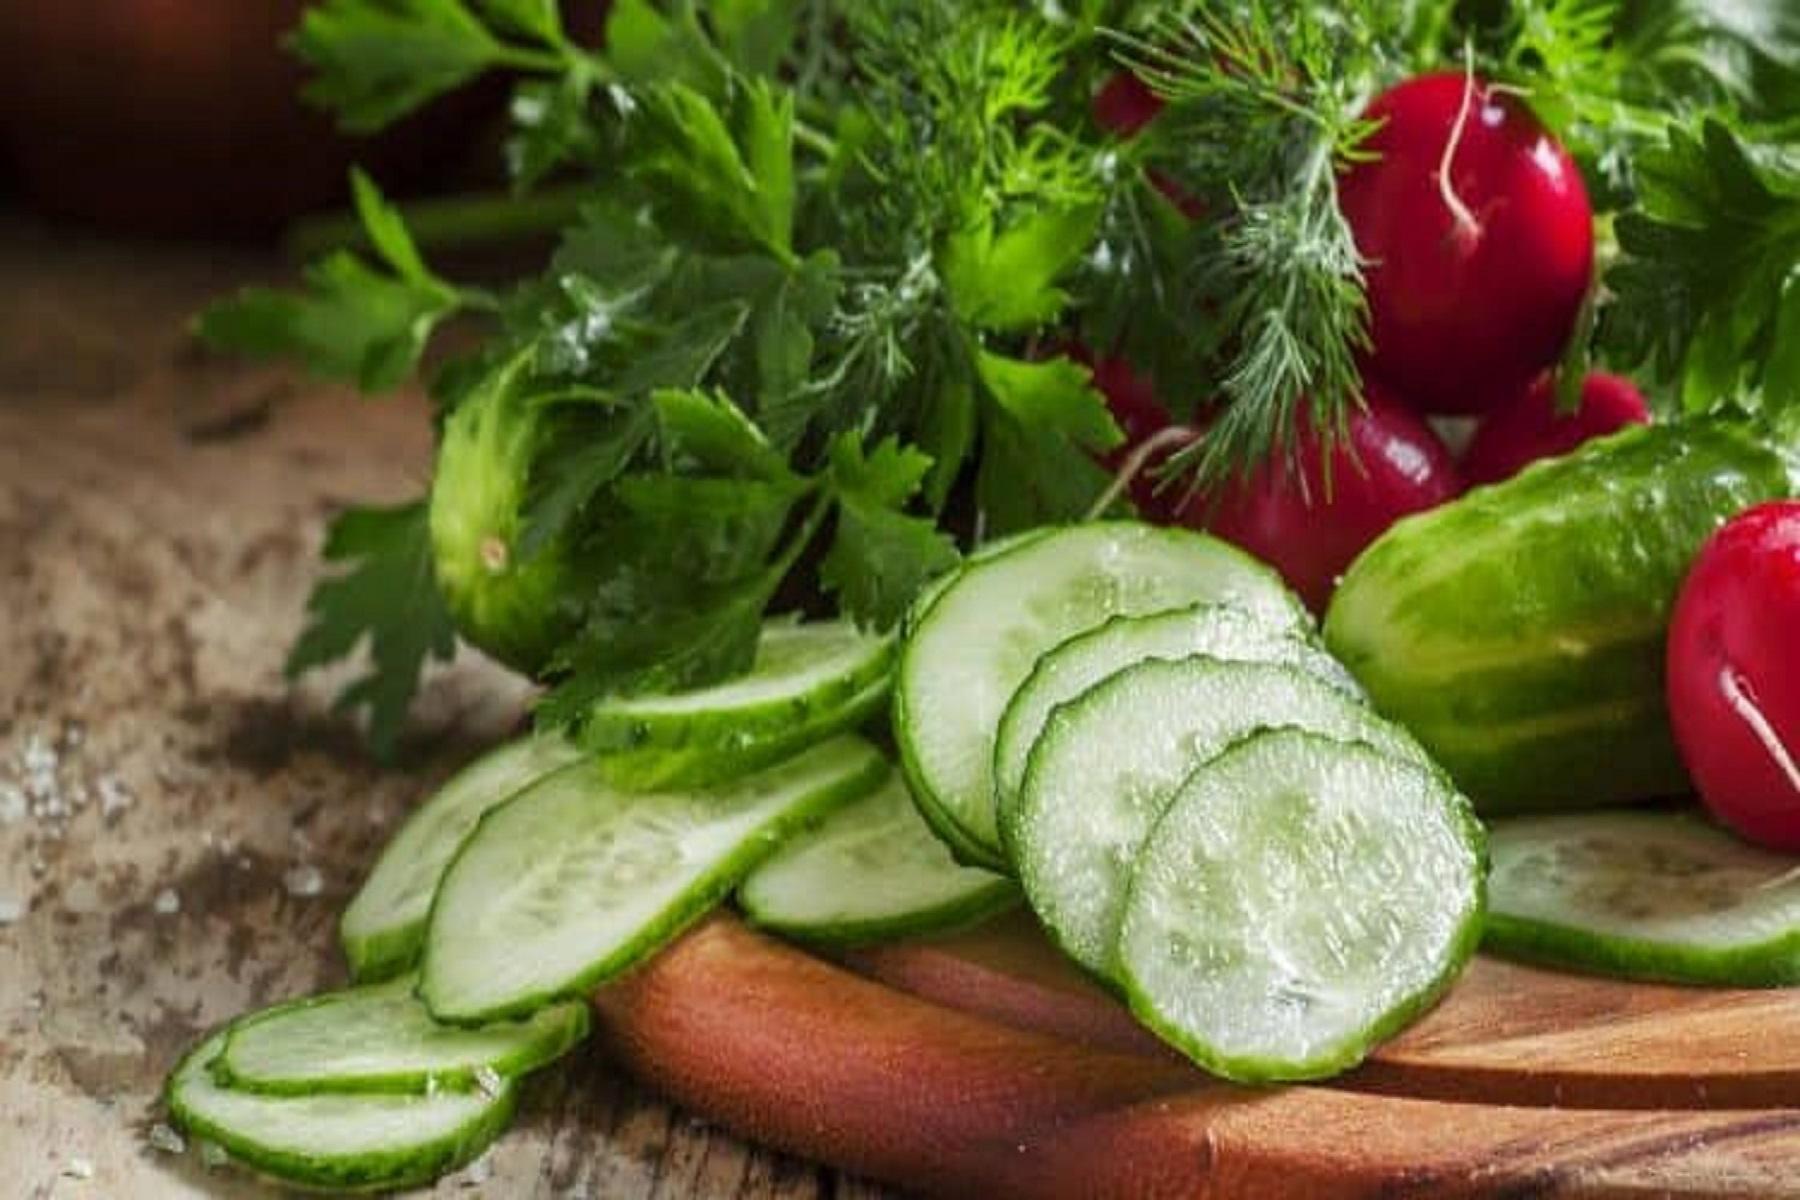 Σημάδια Οργανισμός: Τι είναι αυτό που μας προδίδει ότι δεν καταναλώνουμε λαχανικά